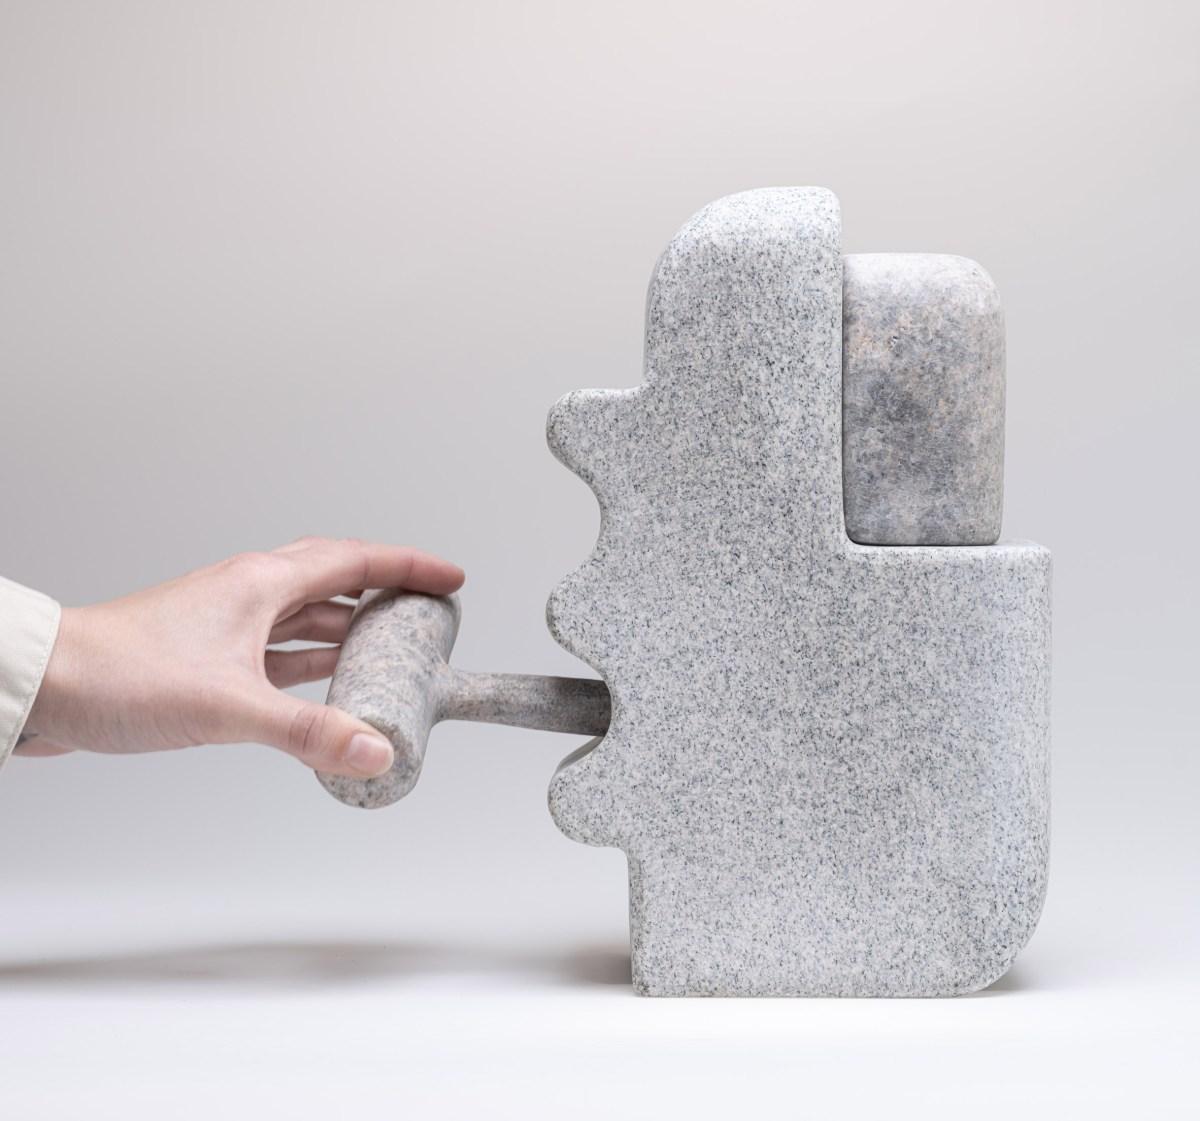 howard-stone-sculptures-matt-byrd_2